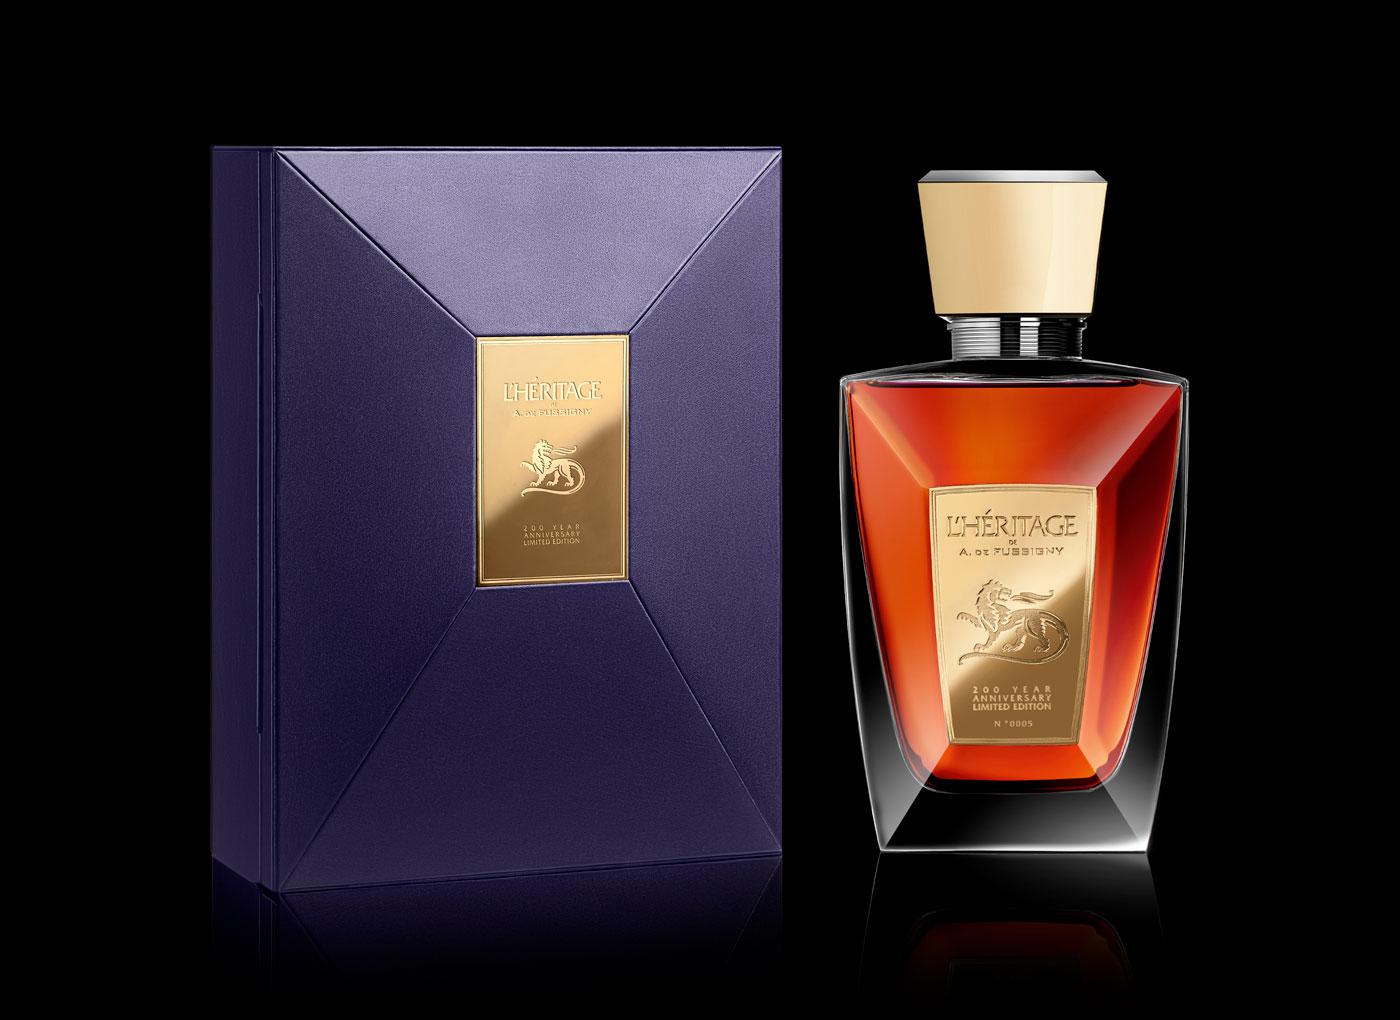 L'Héritage de A. De Fussigny - Un design pensé par l'agence de design de Paris Partisan du Sens.